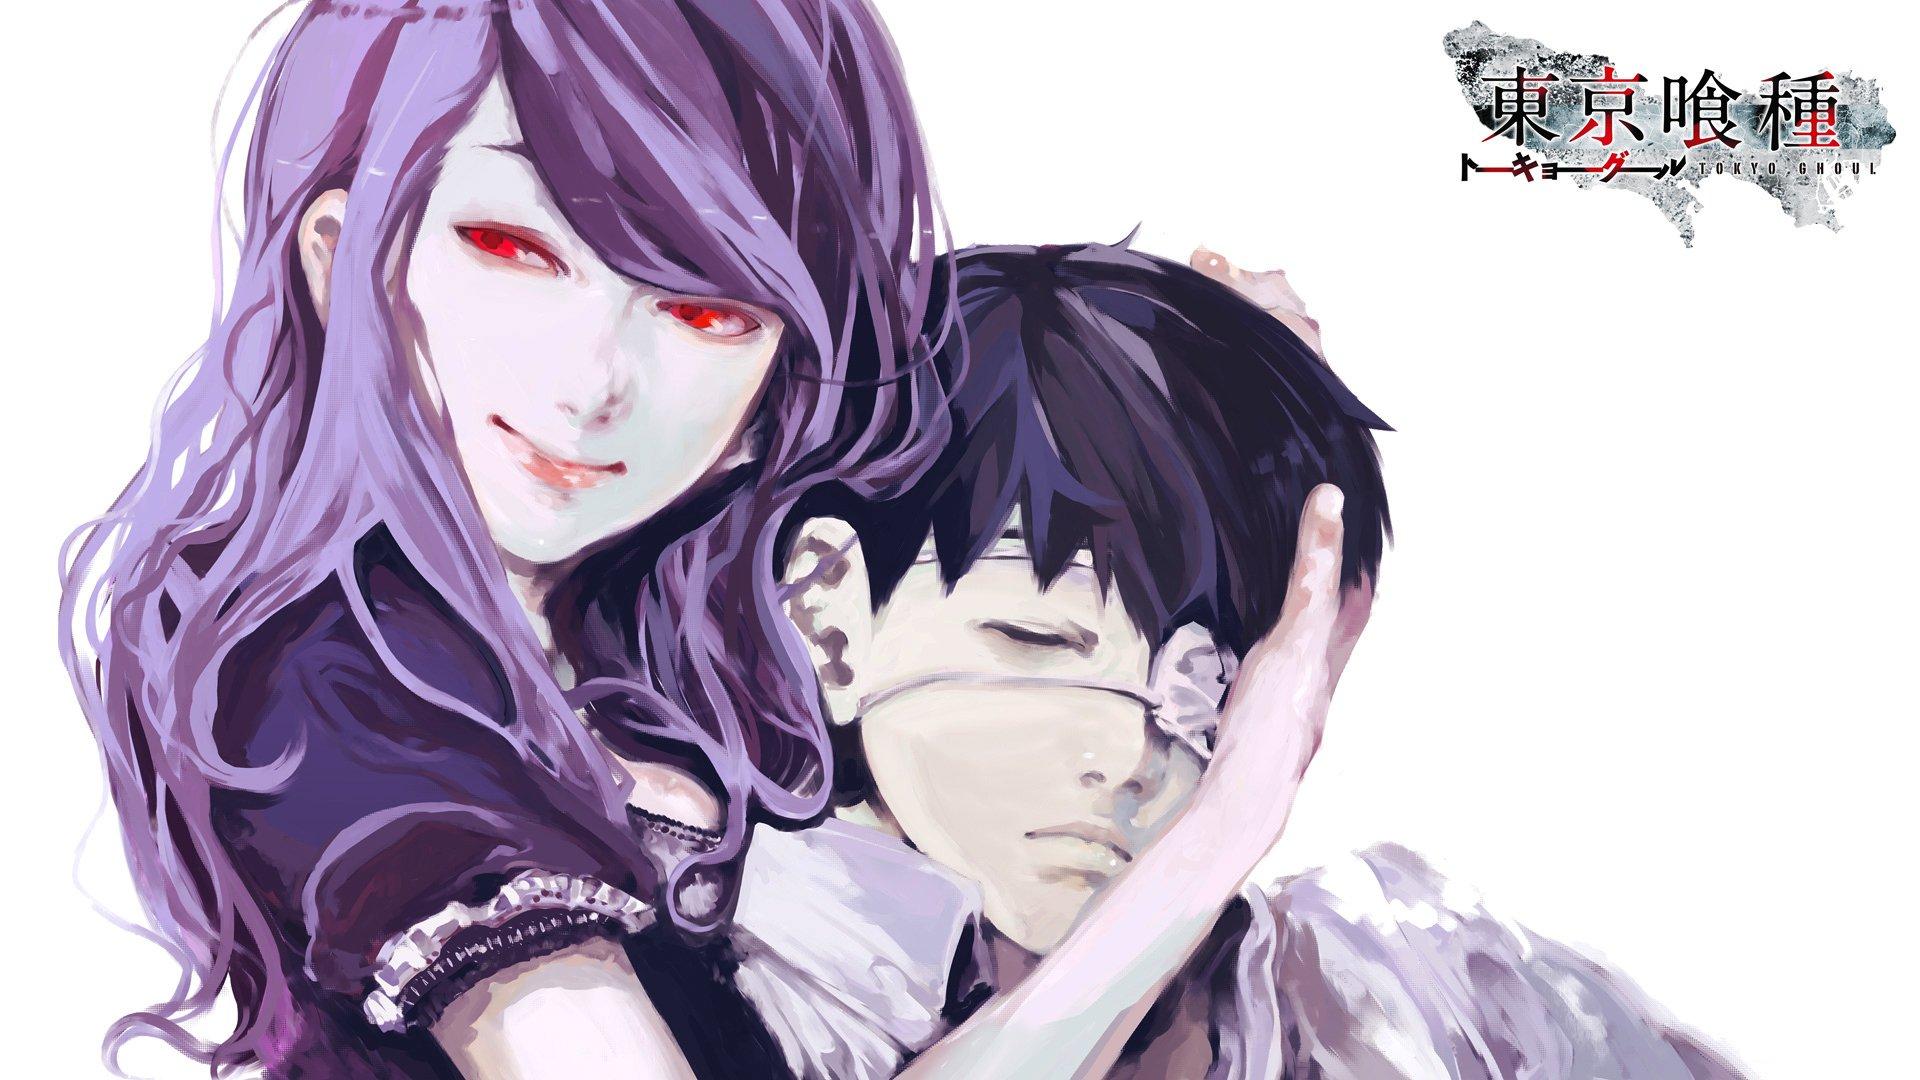 Tokyo Ghoul Season 5 update